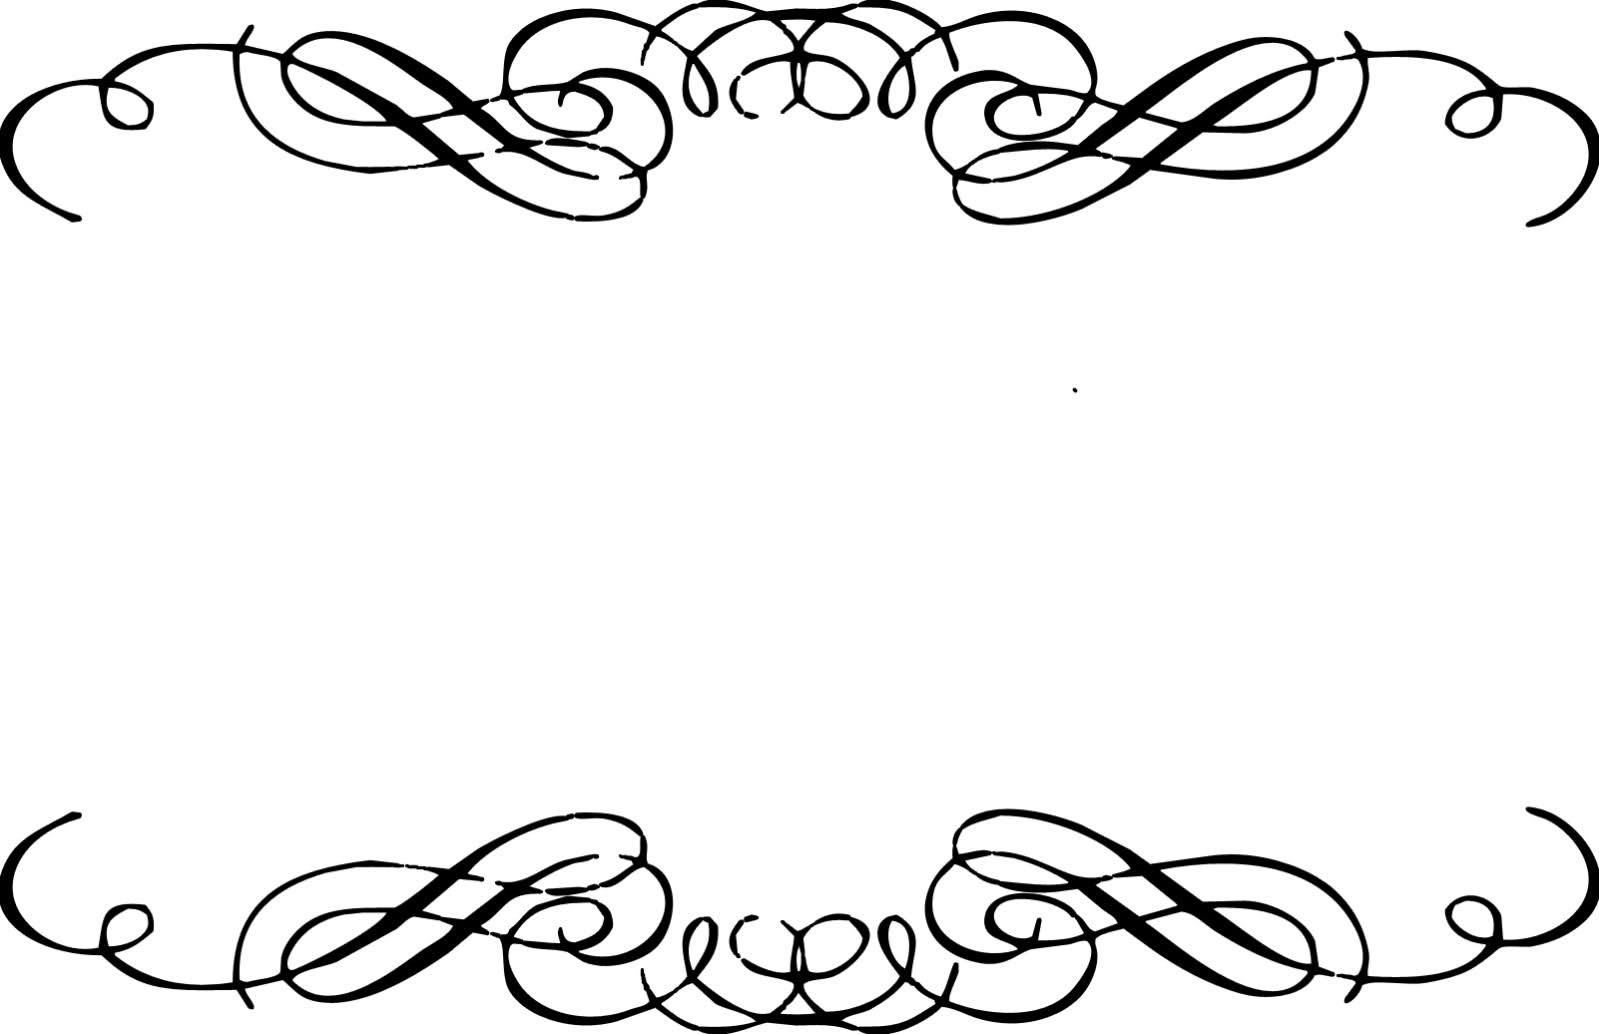 1599x1034 Wedding Scroll Designs